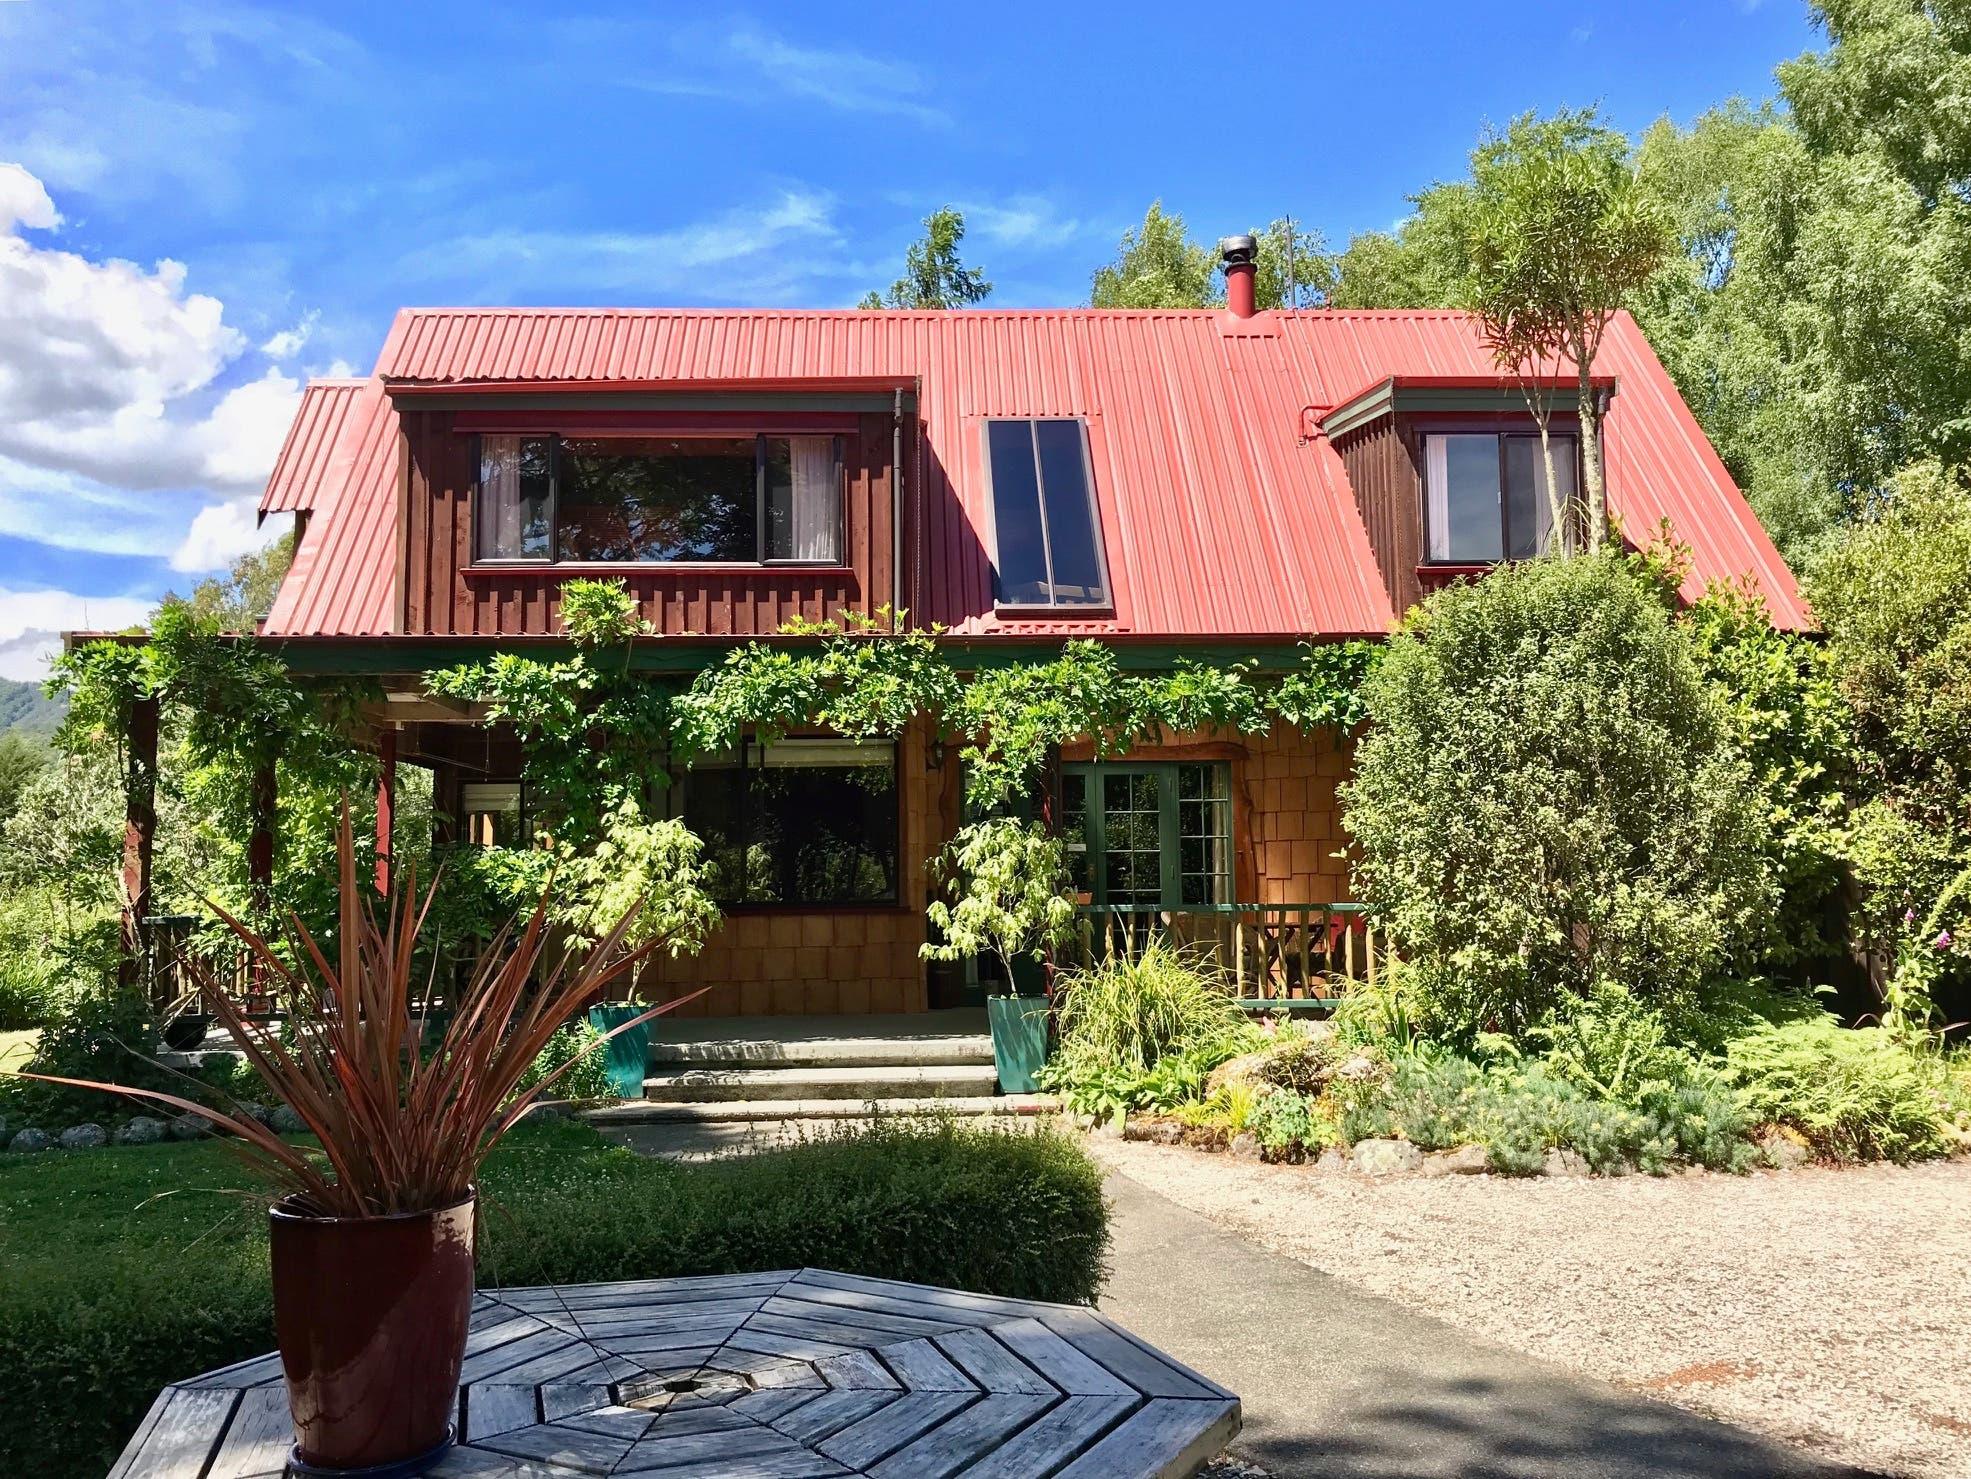 Daphne und der Brugger Philip Zumstein sind 2017 nach Neuseeland ausgewandert und betreiben auf der Südinsel die Murchison Lodge.